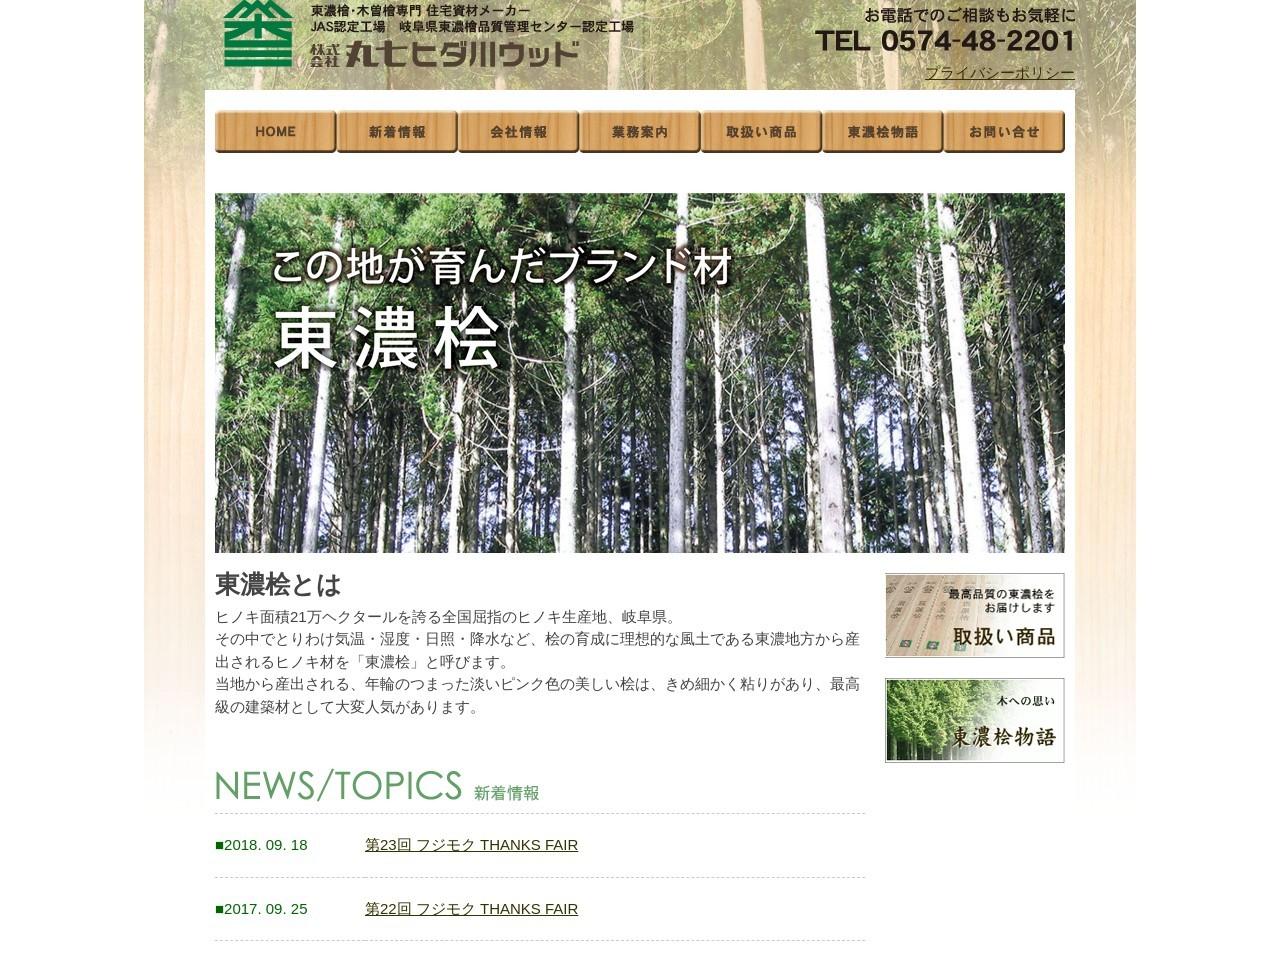 株式会社丸七ヒダ川ウッド